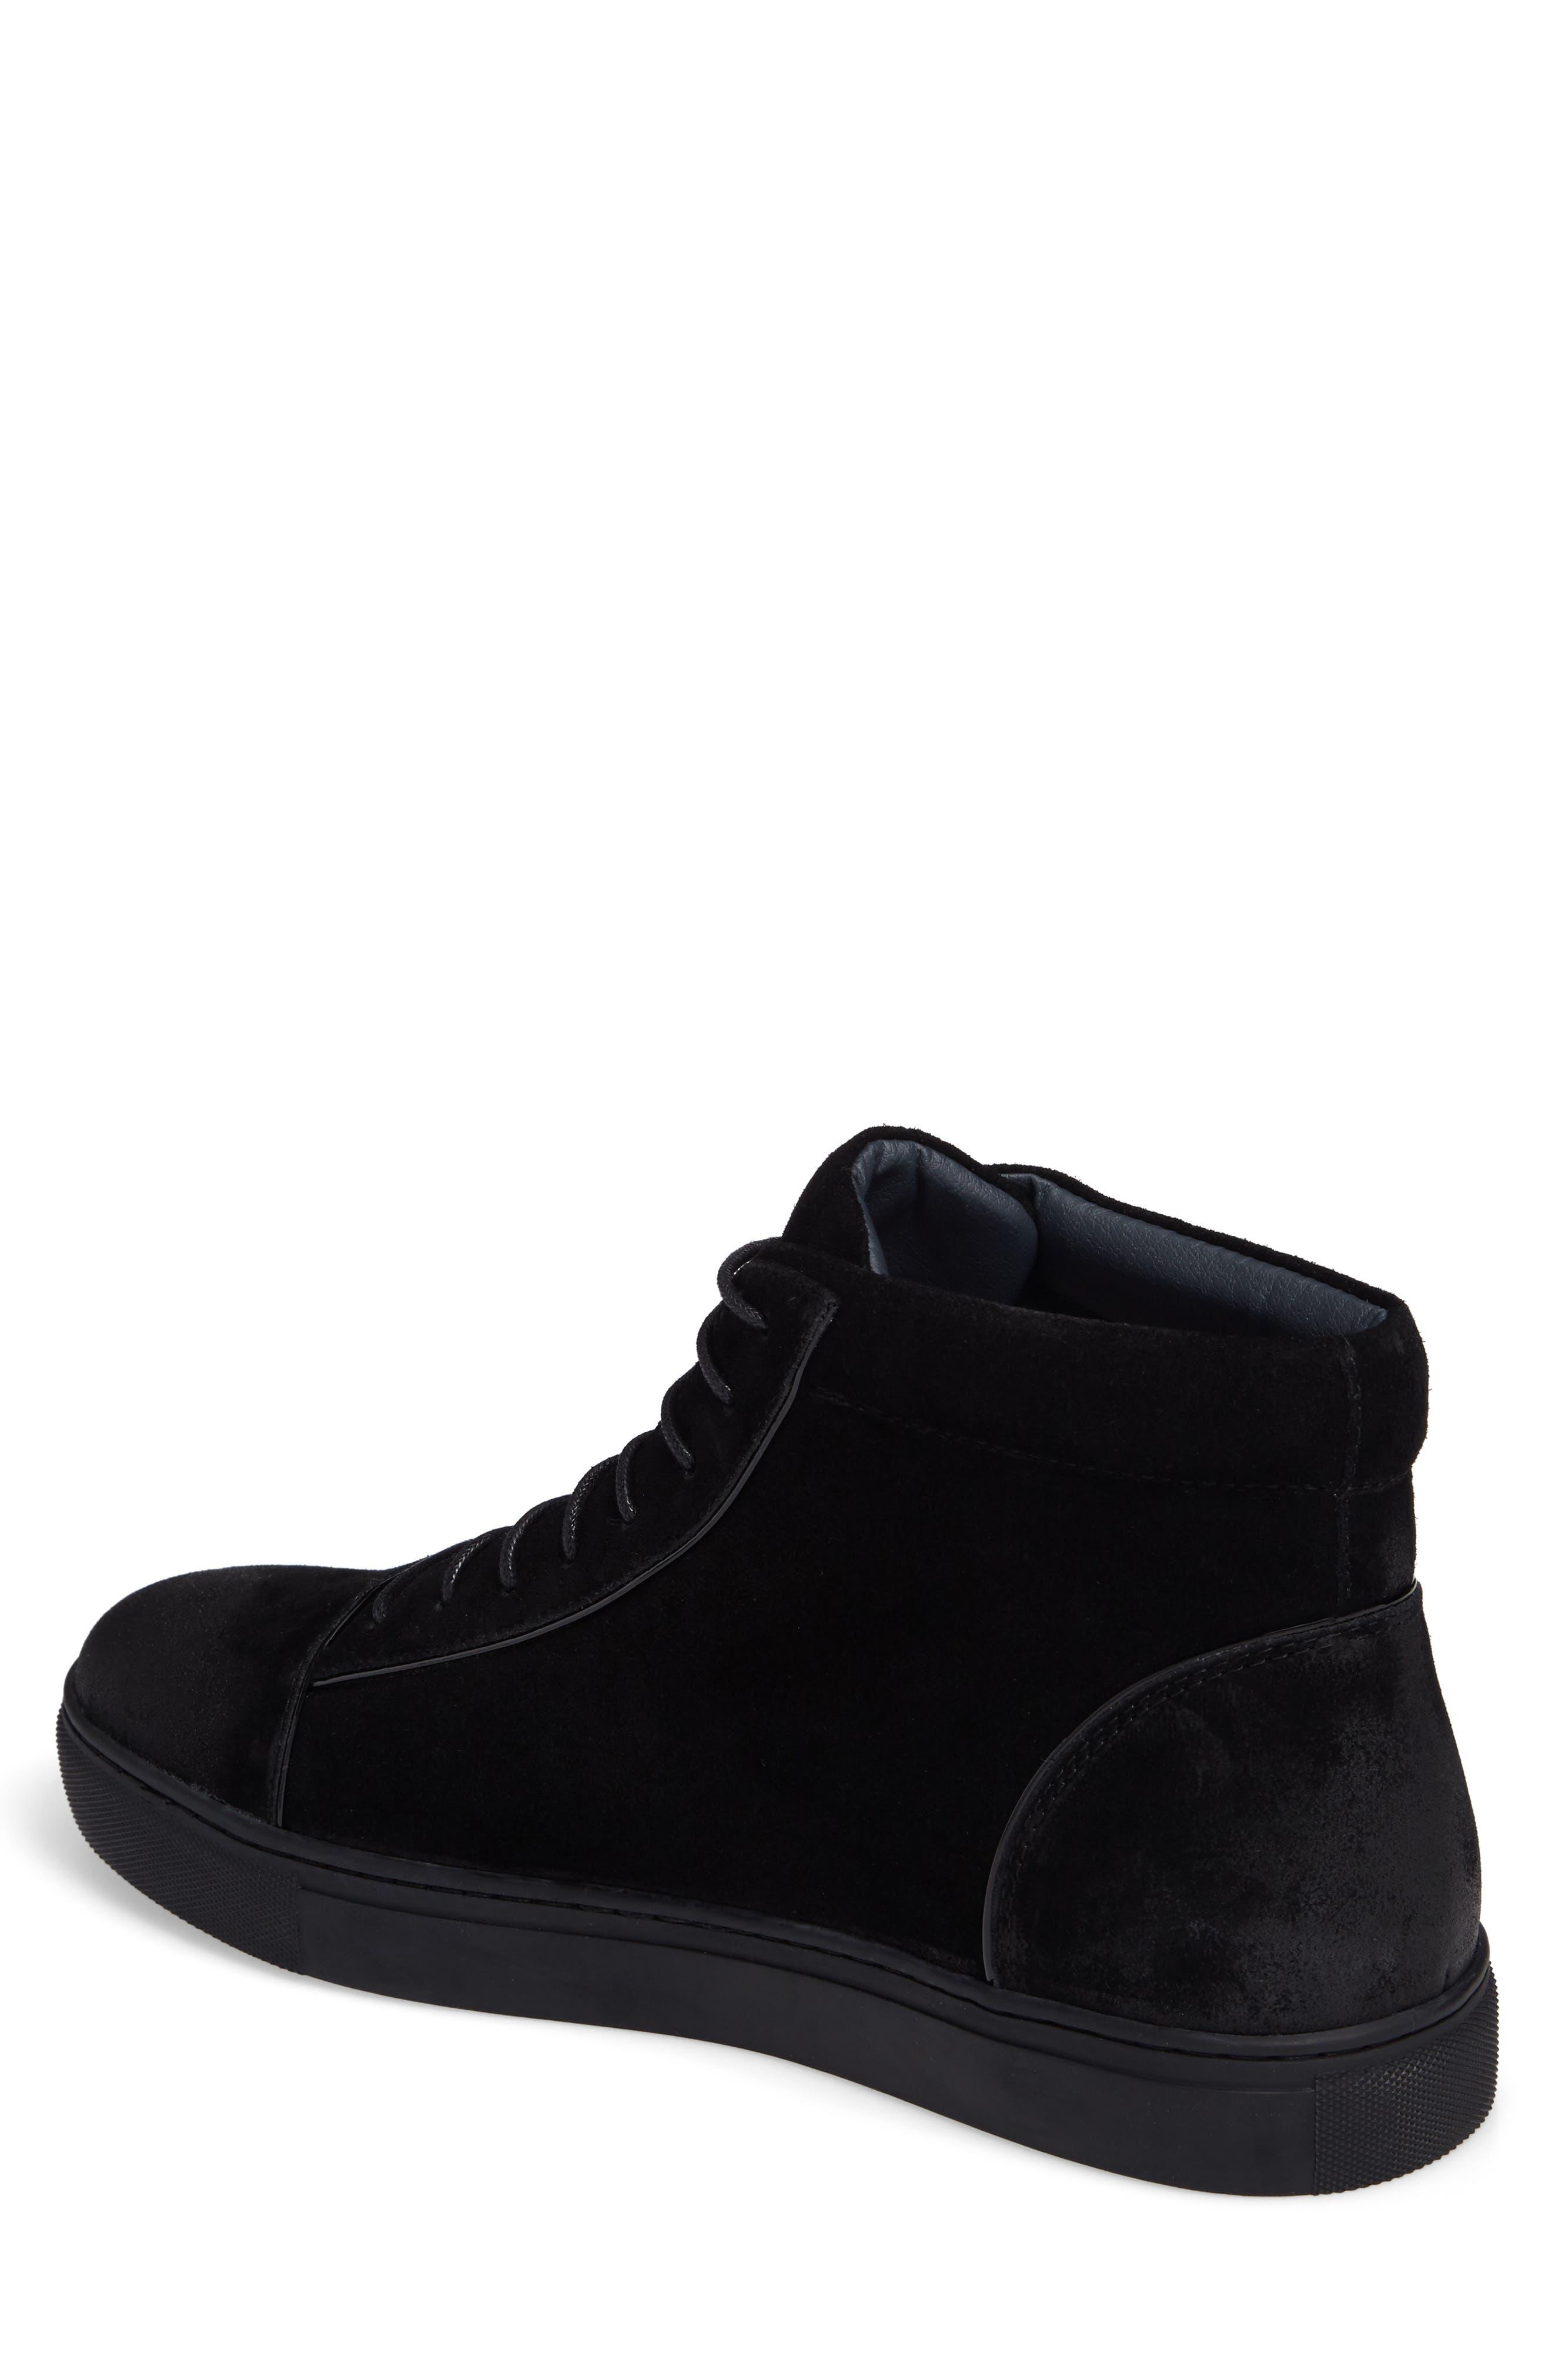 Grundy Sneaker,                             Alternate thumbnail 2, color,                             001